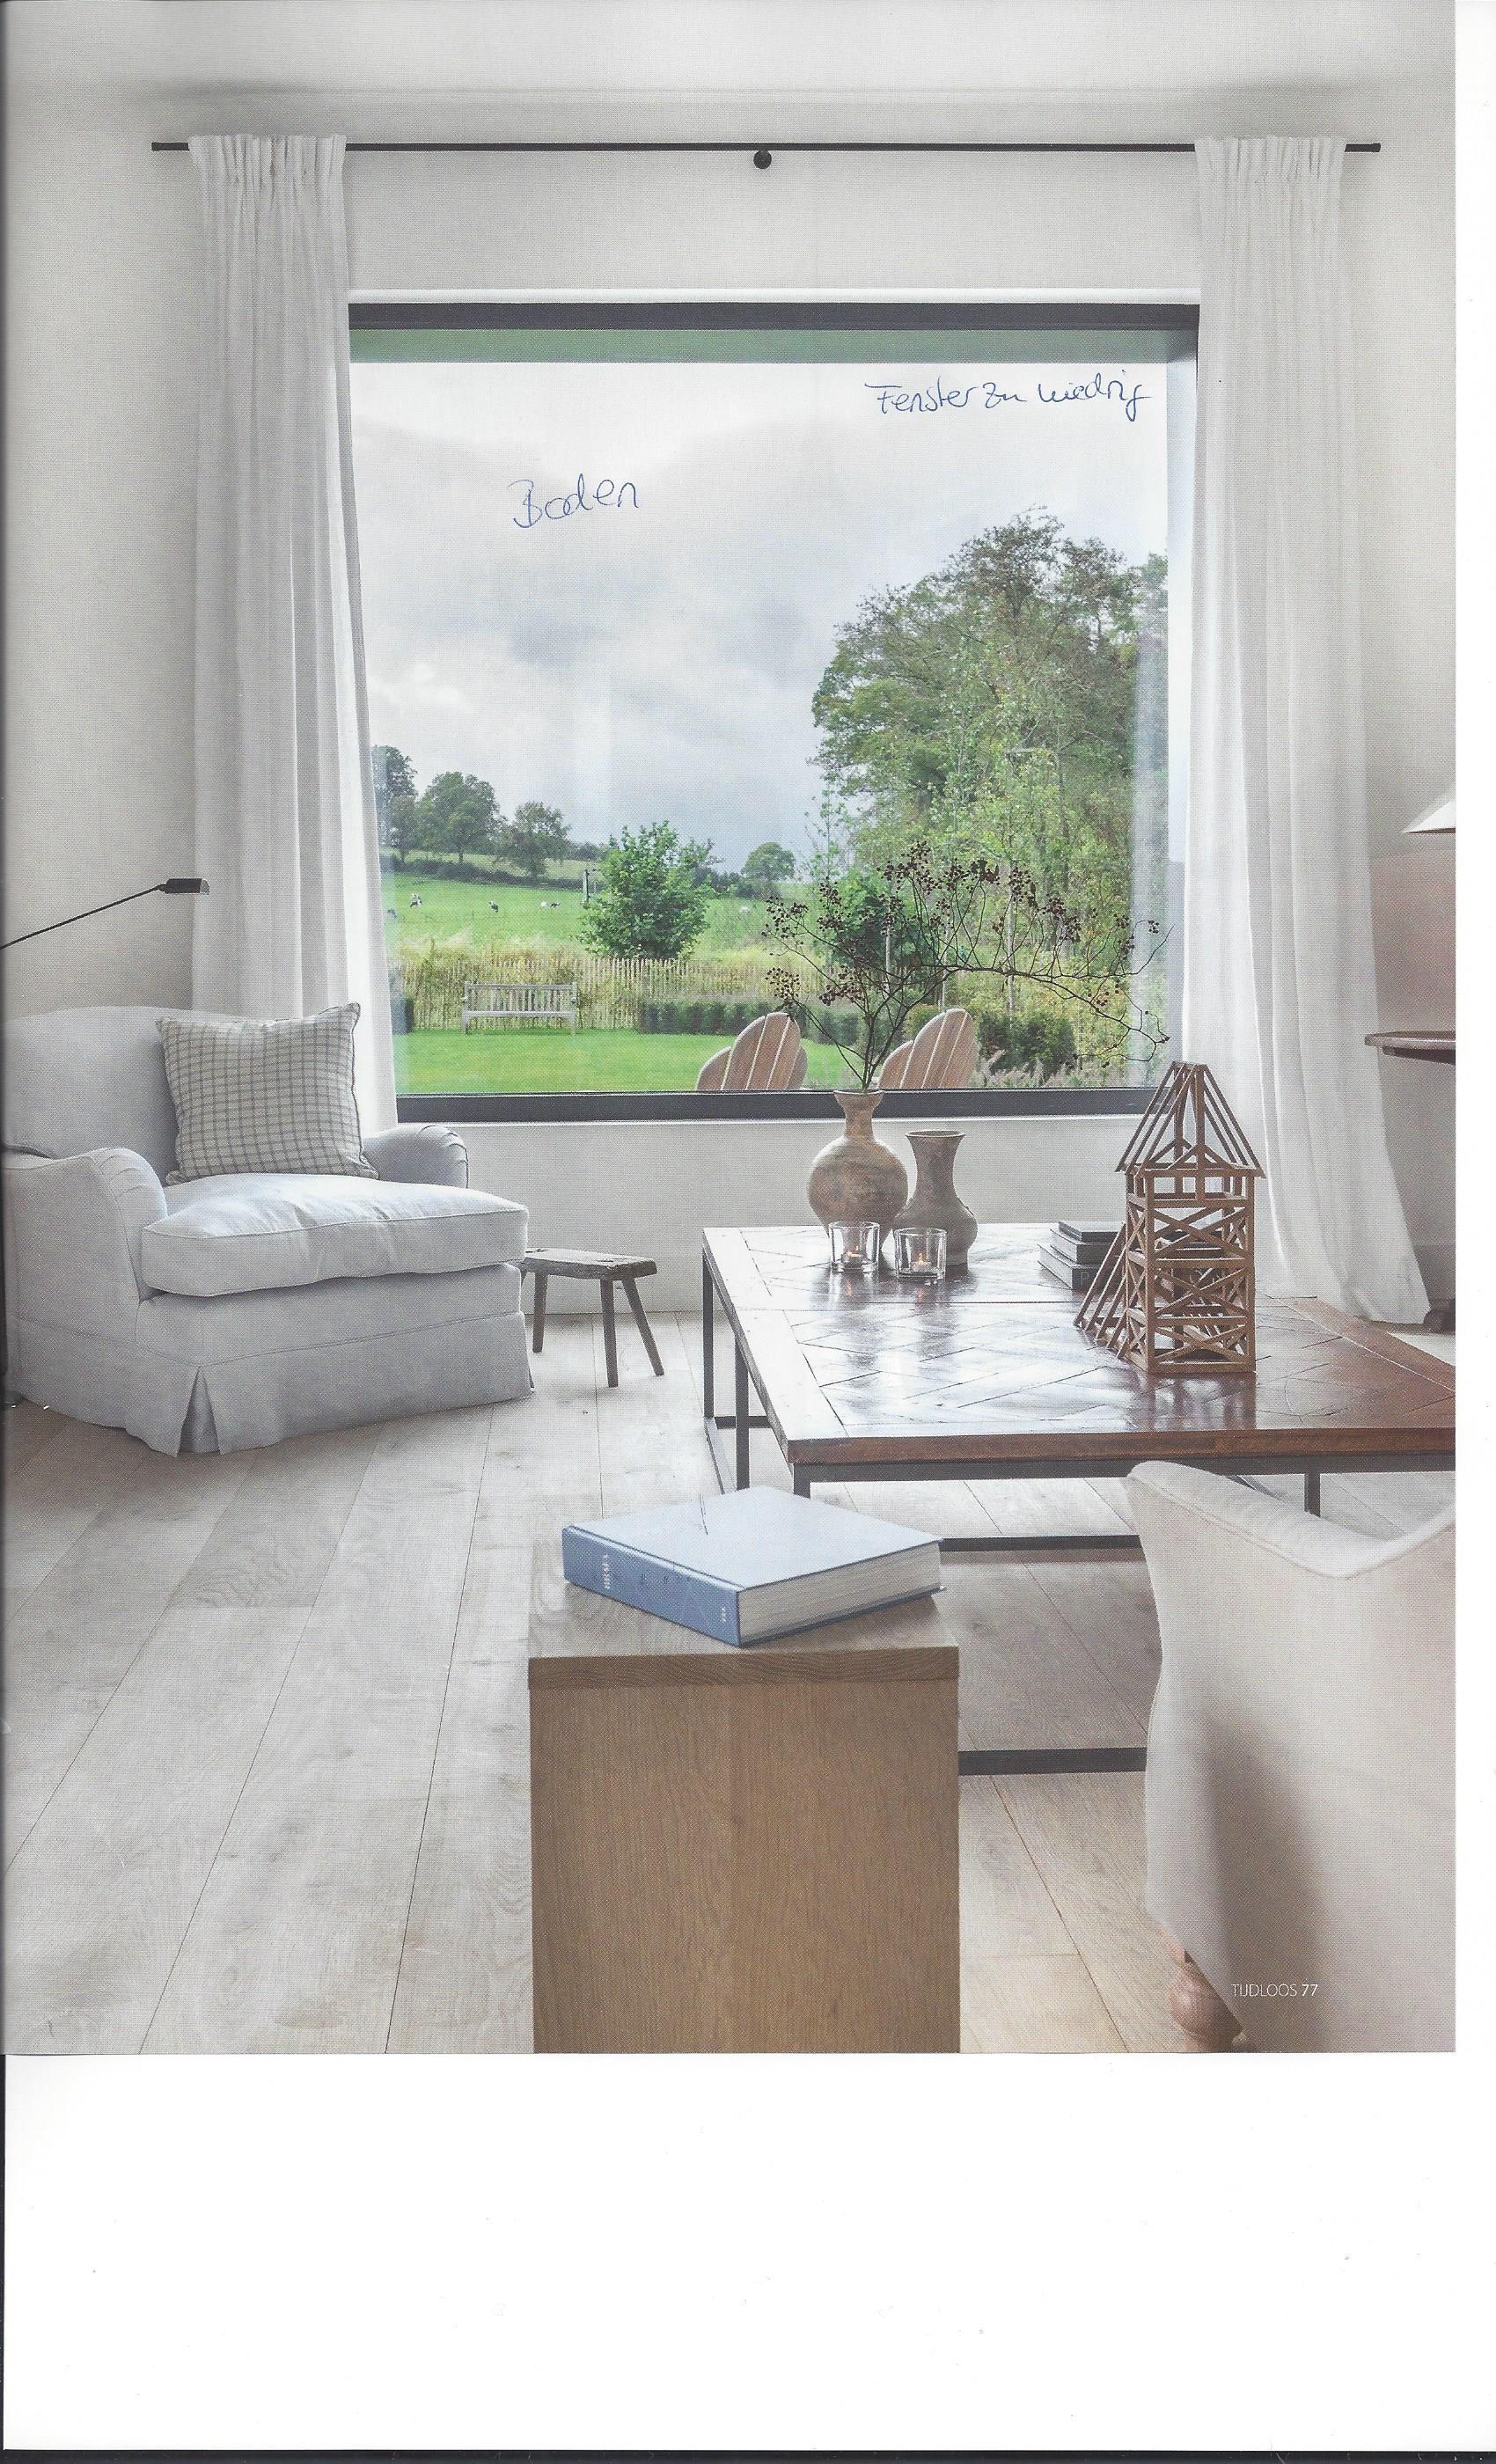 welche fenster sind gut hausdesign fr fenster rollos und. Black Bedroom Furniture Sets. Home Design Ideas